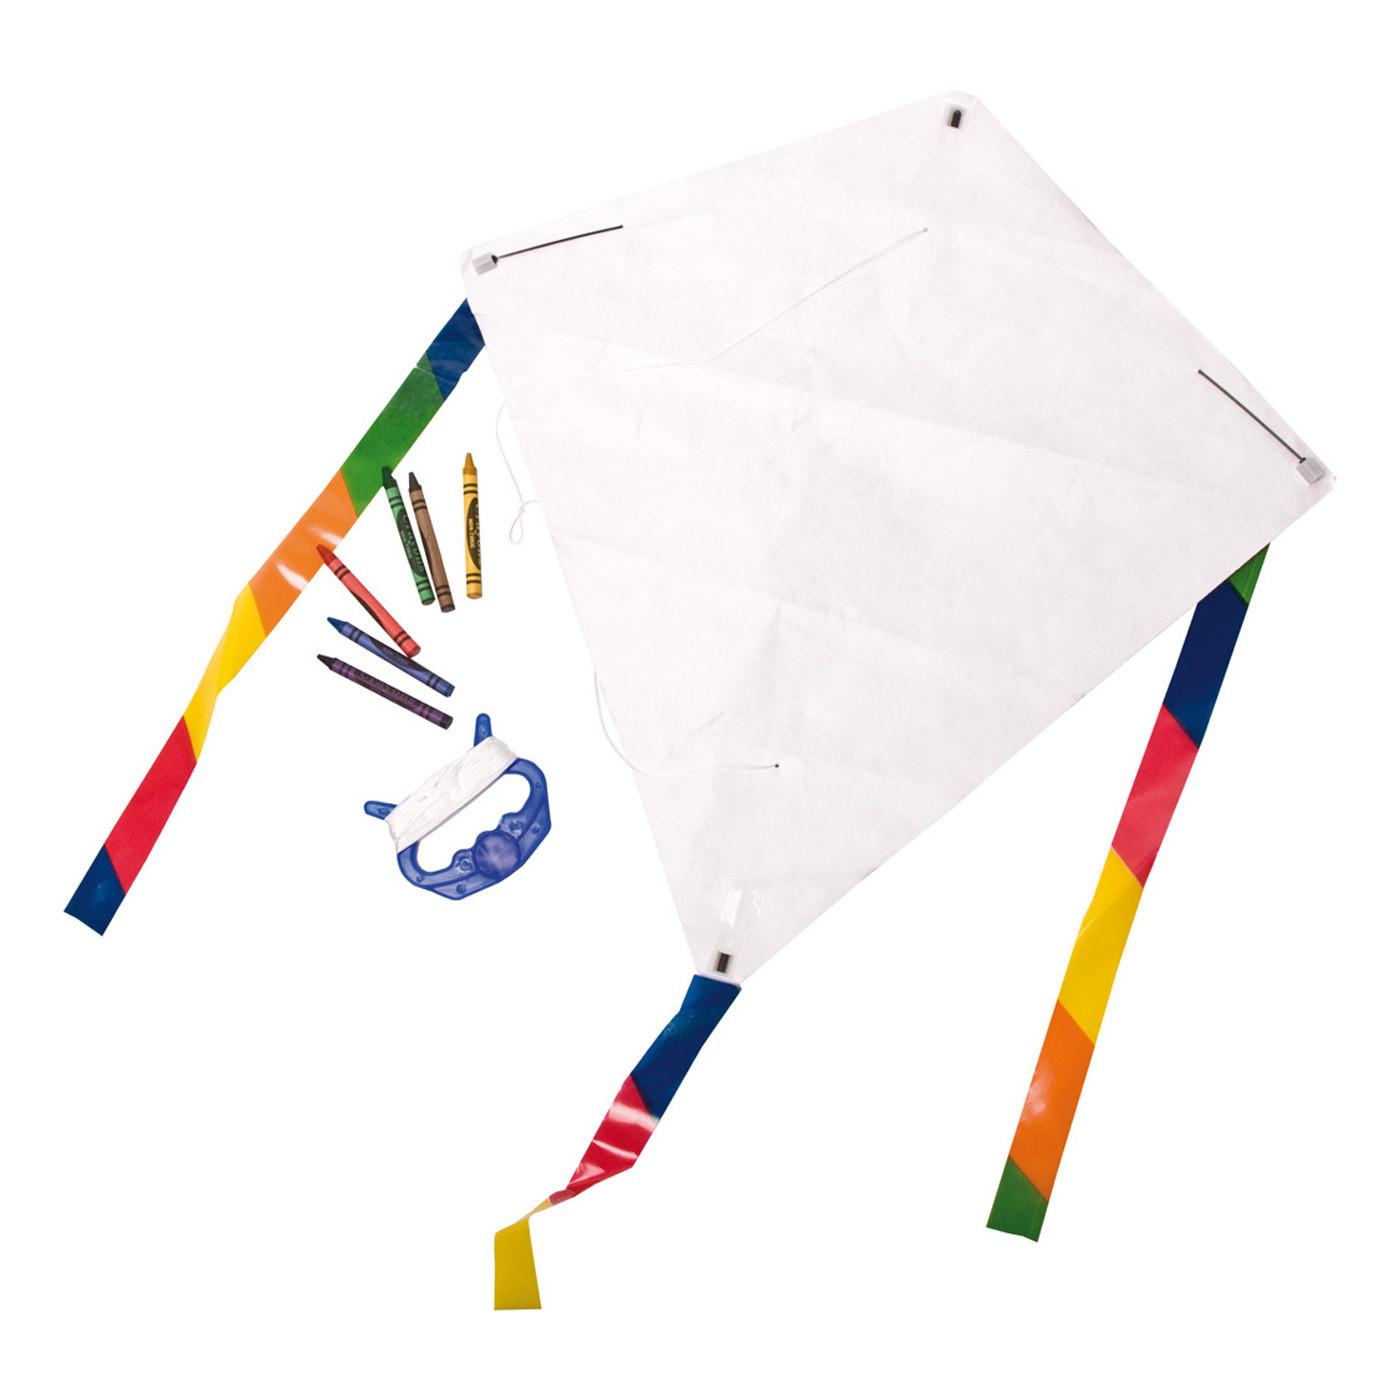 Eddy kid s creation kite wind designs for Indoor kite design